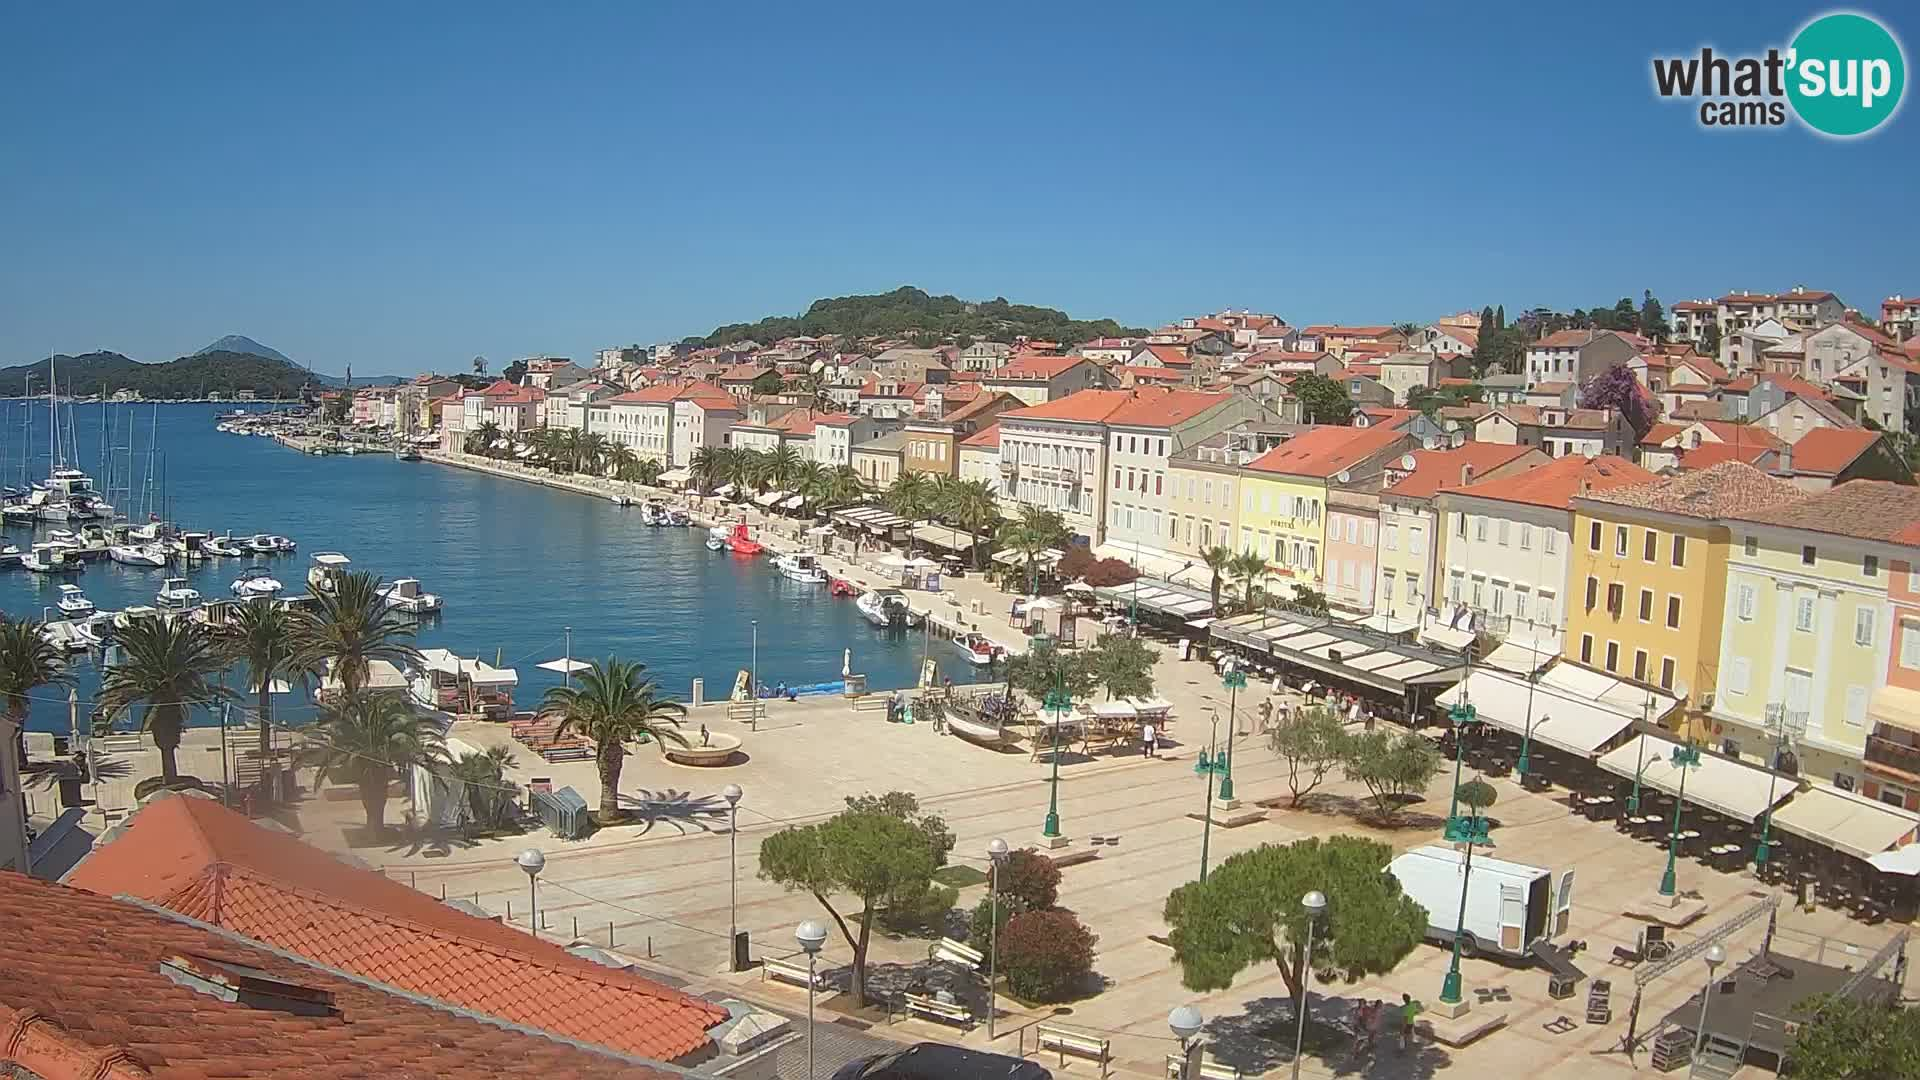 Webcam Mali Lošinj – Main square